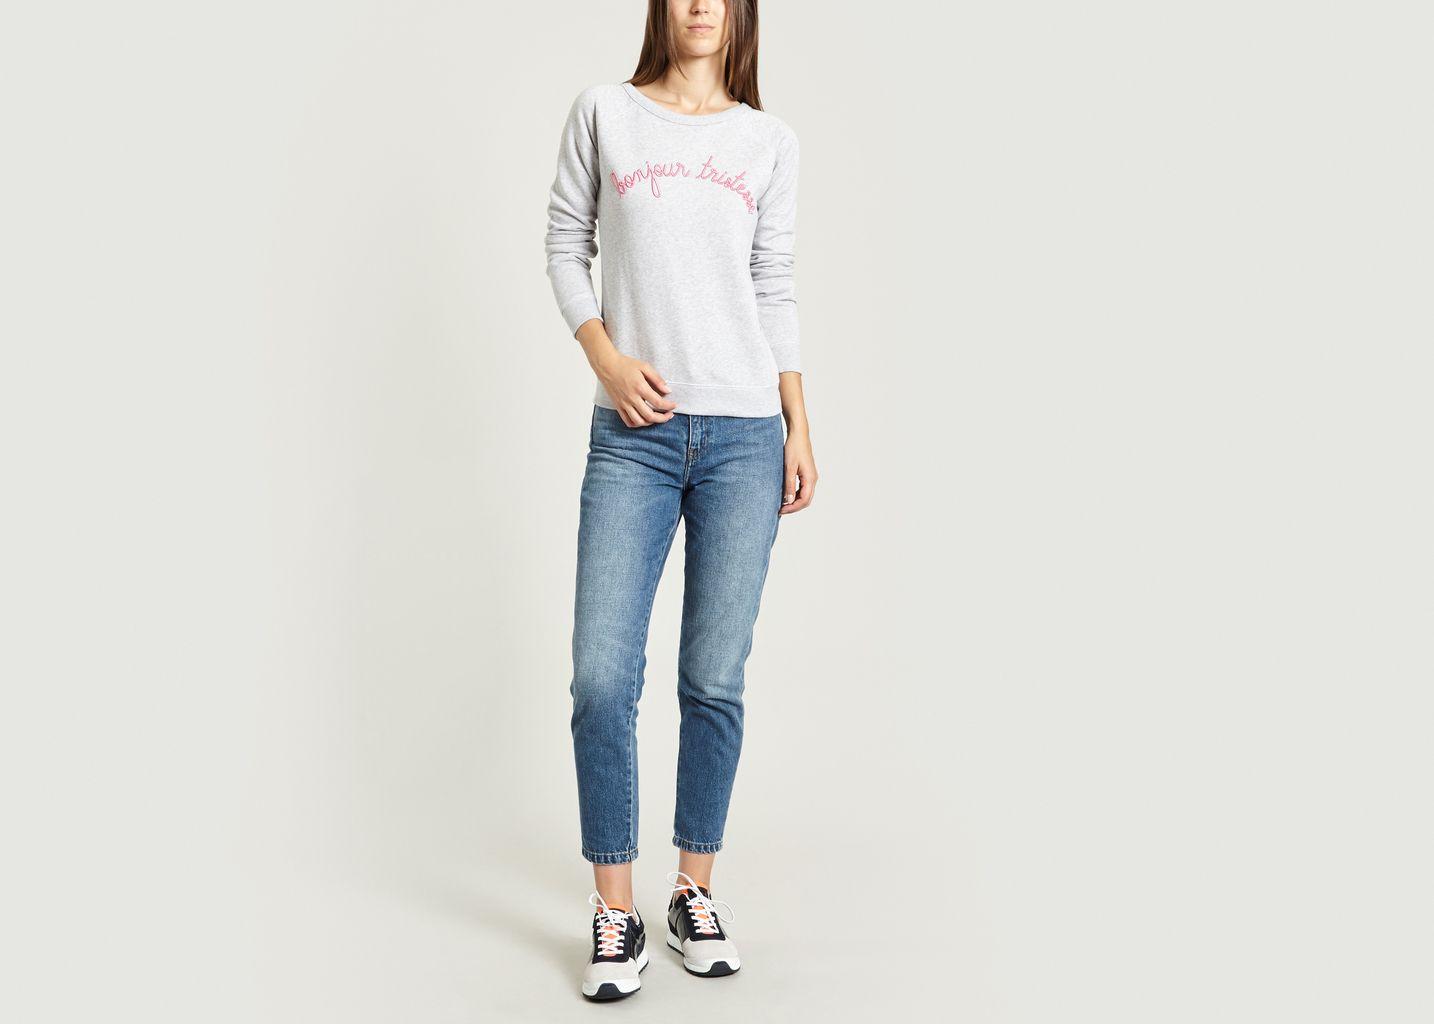 Sweatshirt Bonjour Tristesse - Maison Labiche